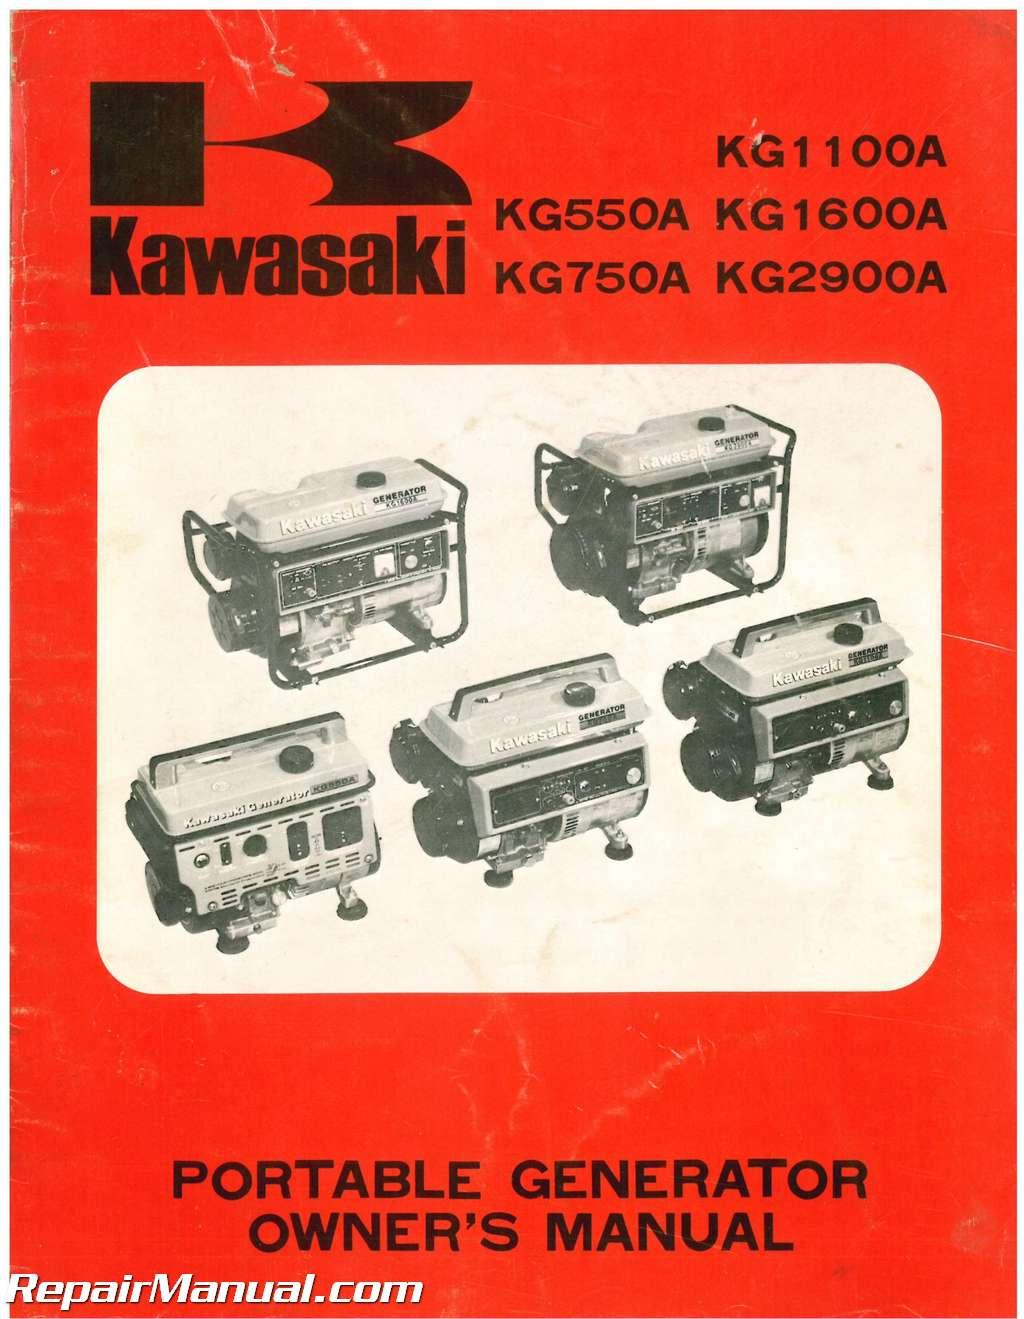 Kawasaki Portable Generator Manual